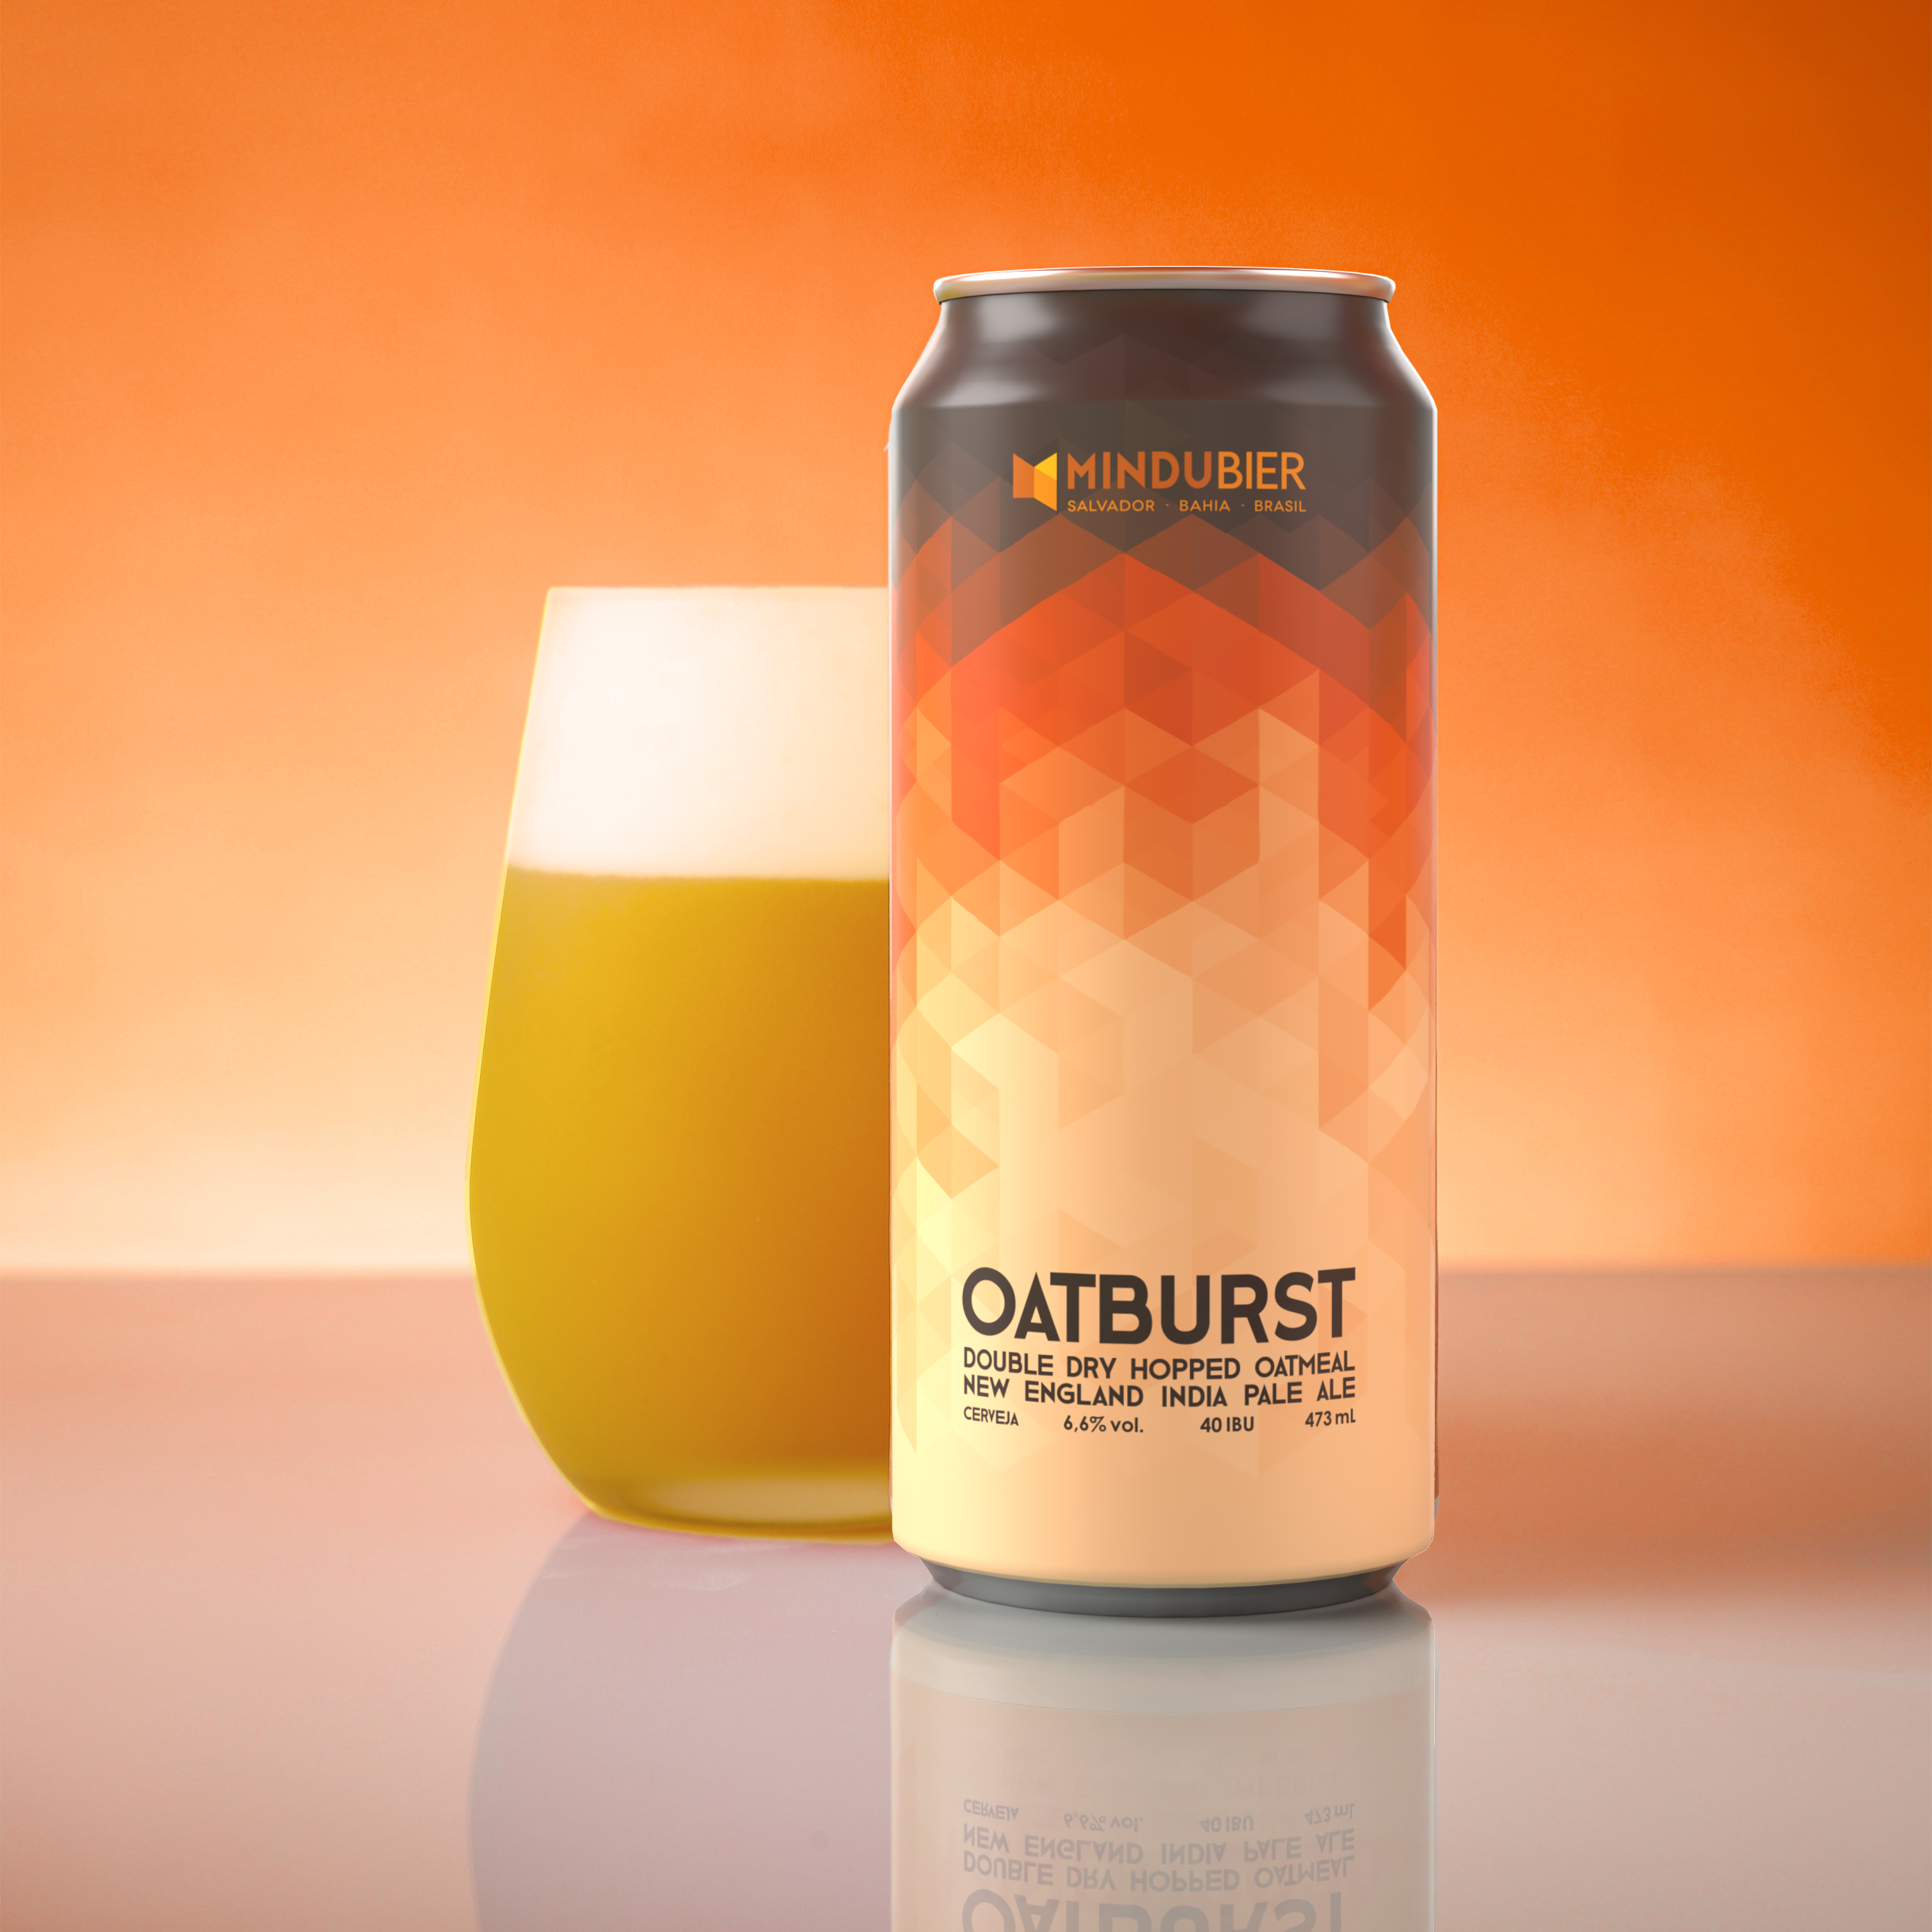 OatBurst